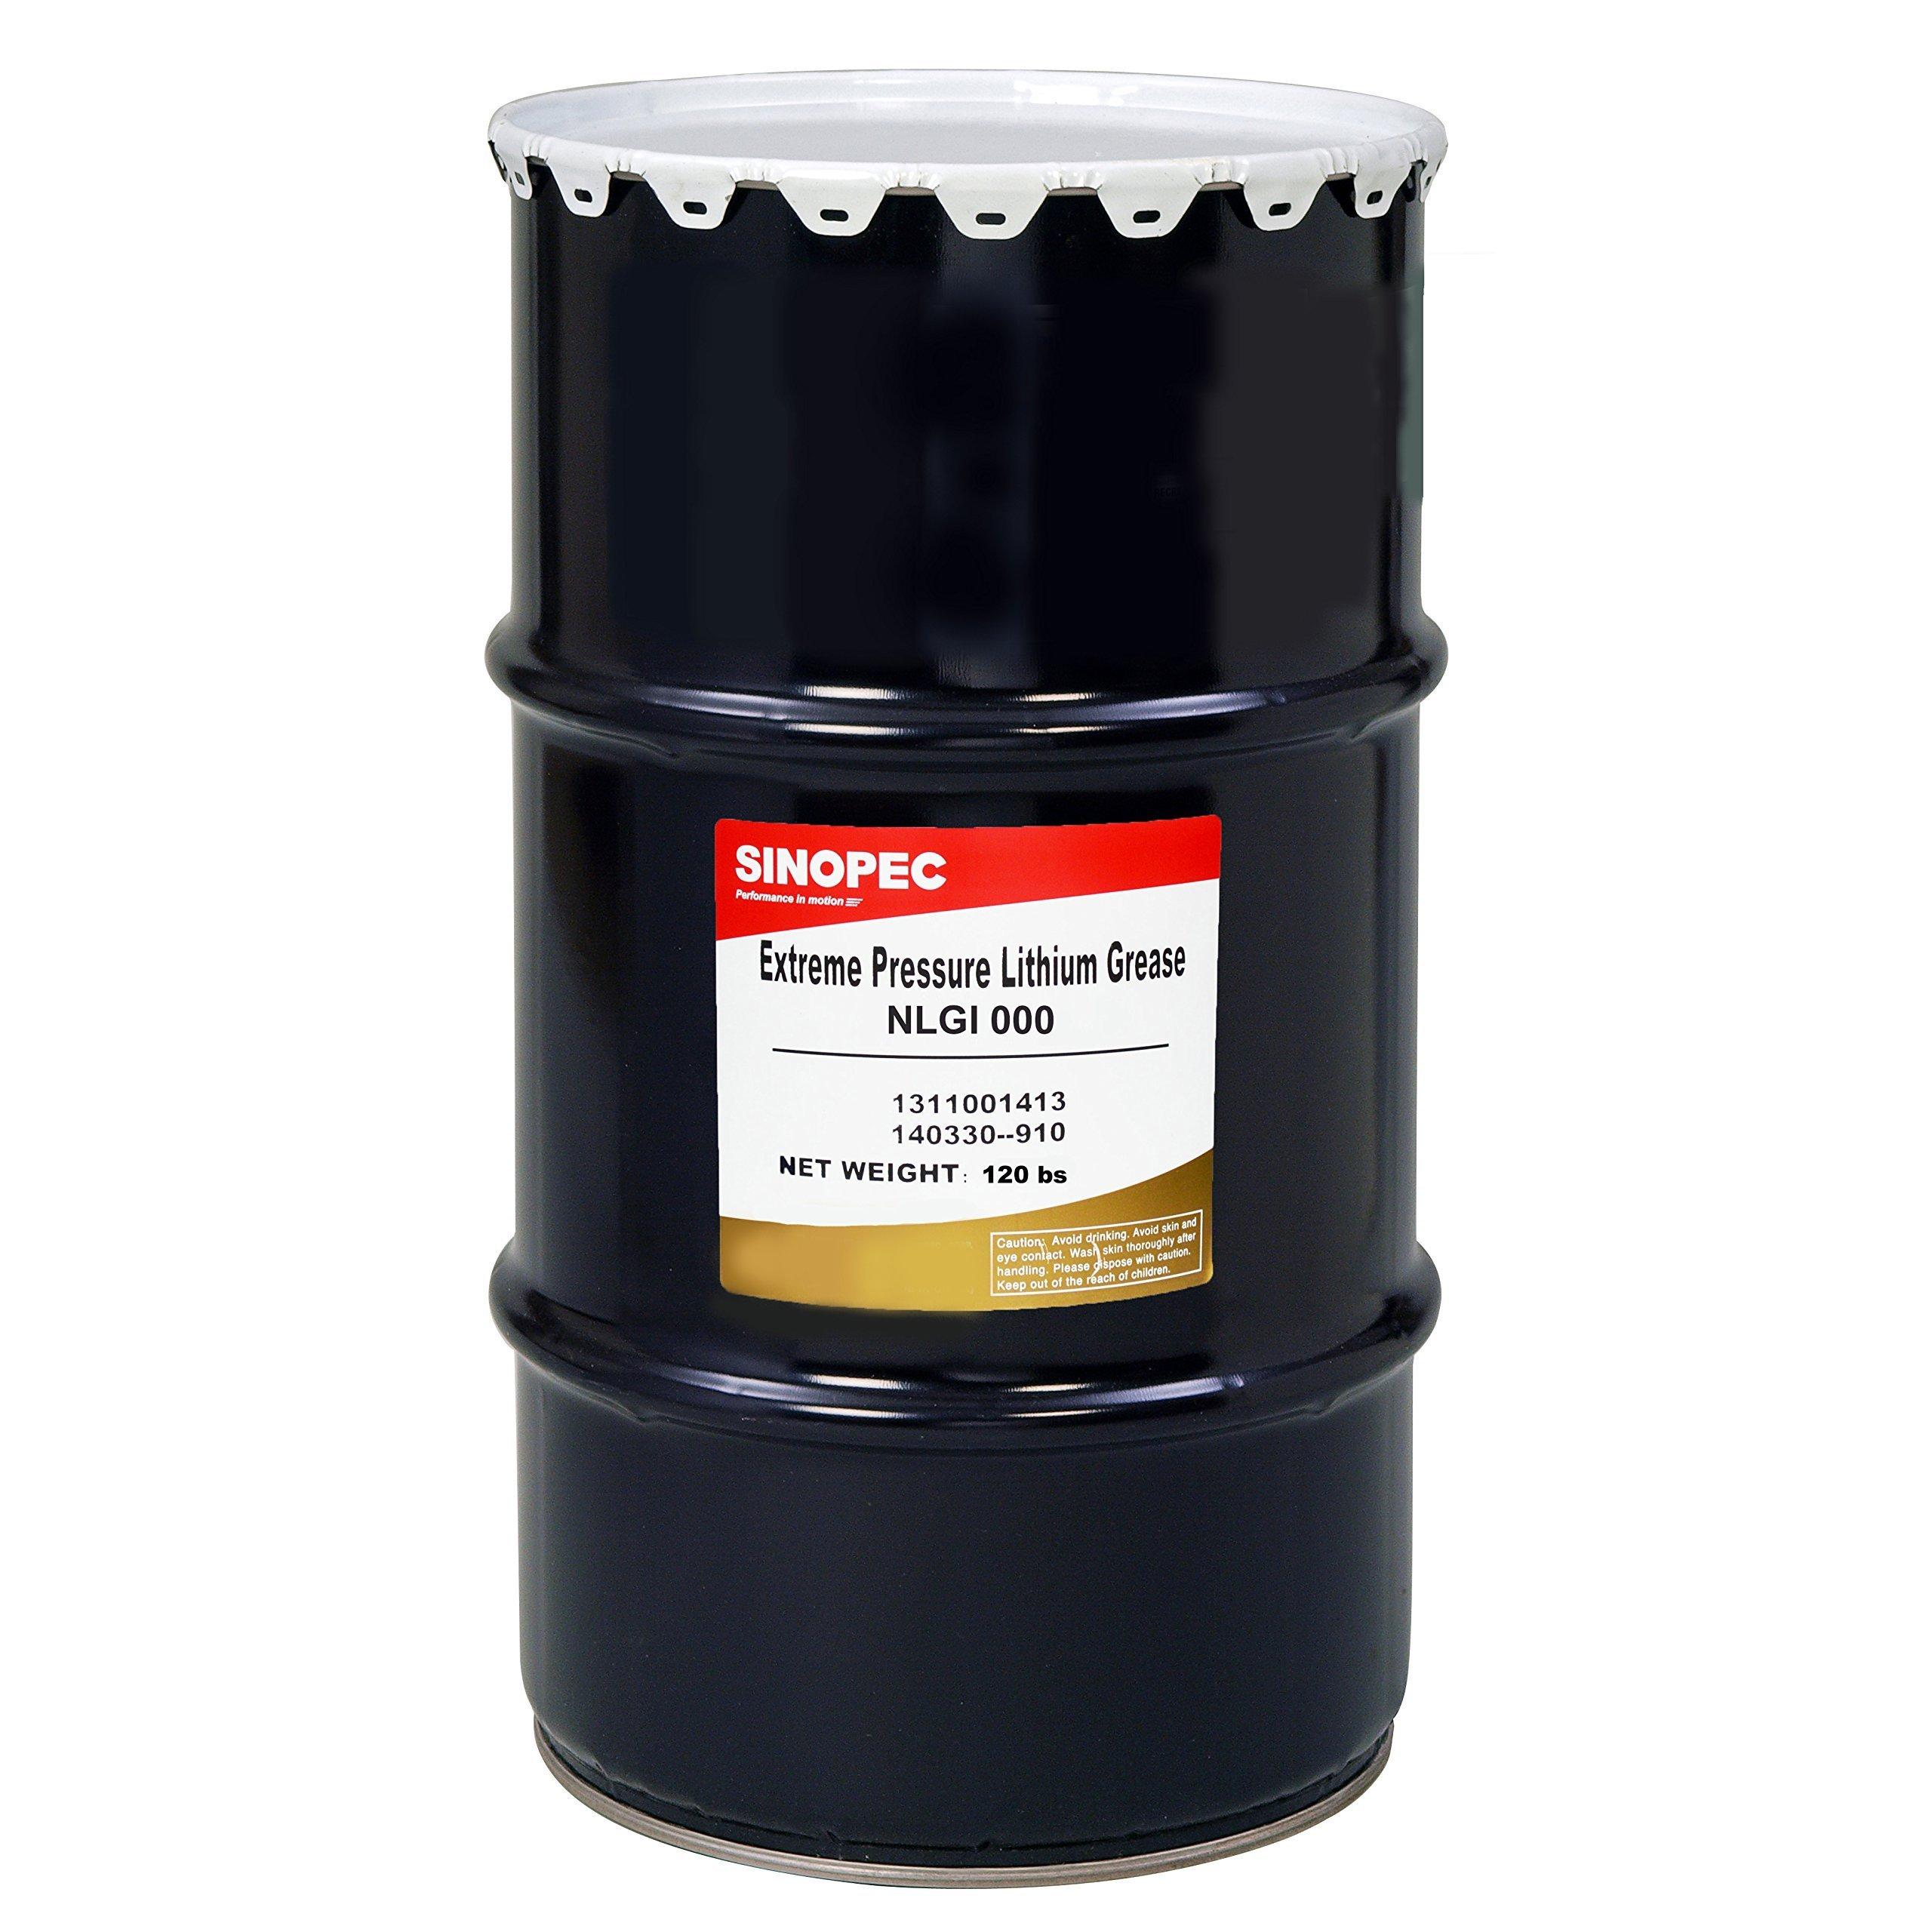 Sinopec EP000 Semi-Fluid Lithium Grease, Nlgi 000, 120 lb.